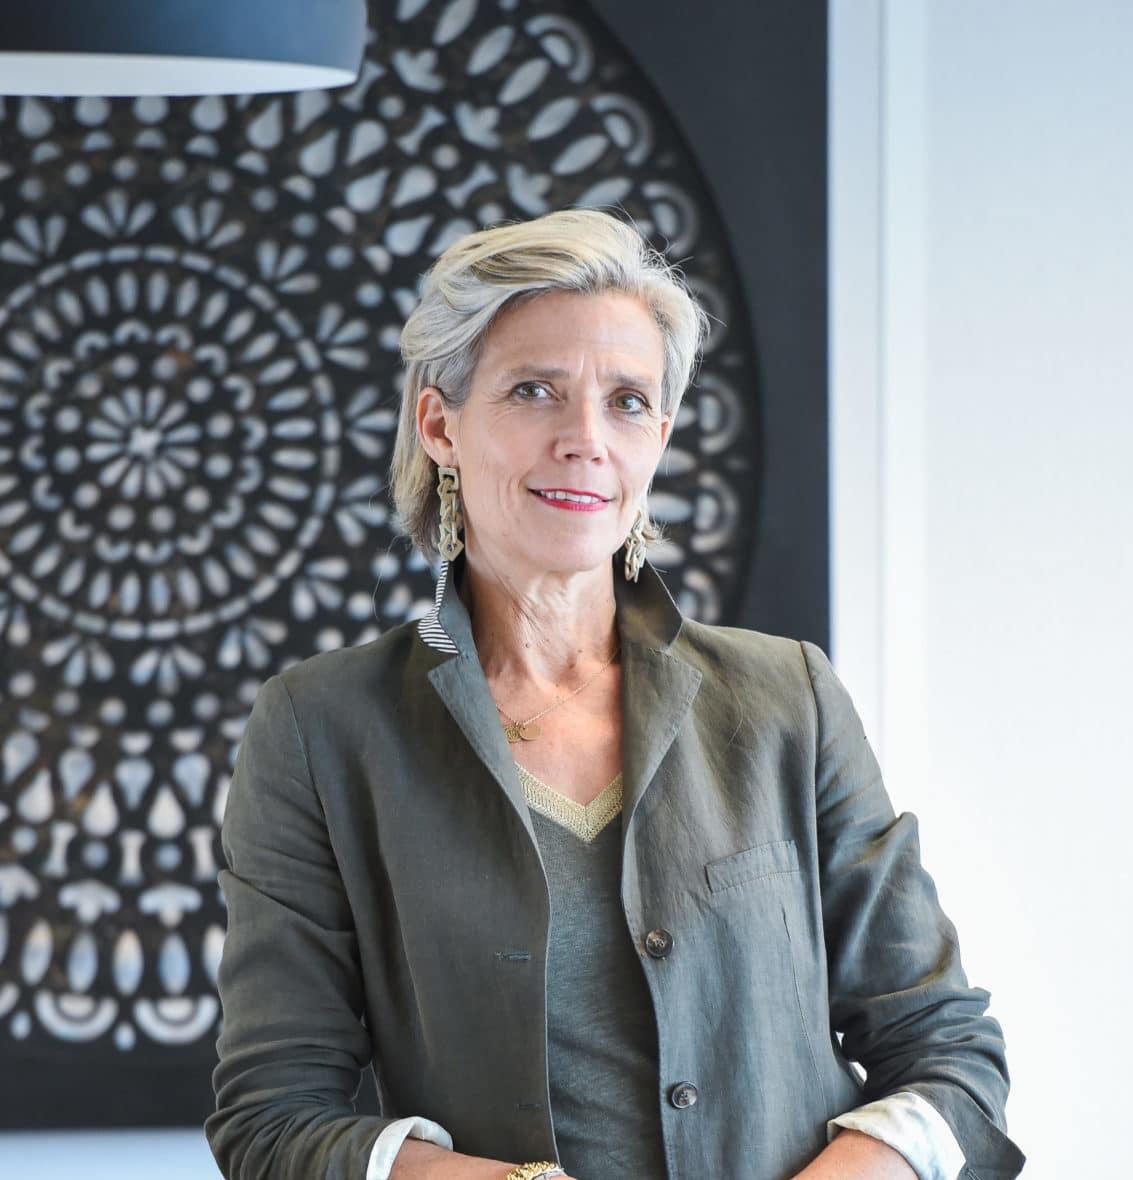 Céline Buchart est nommée Directrice Générale d'Yxime.